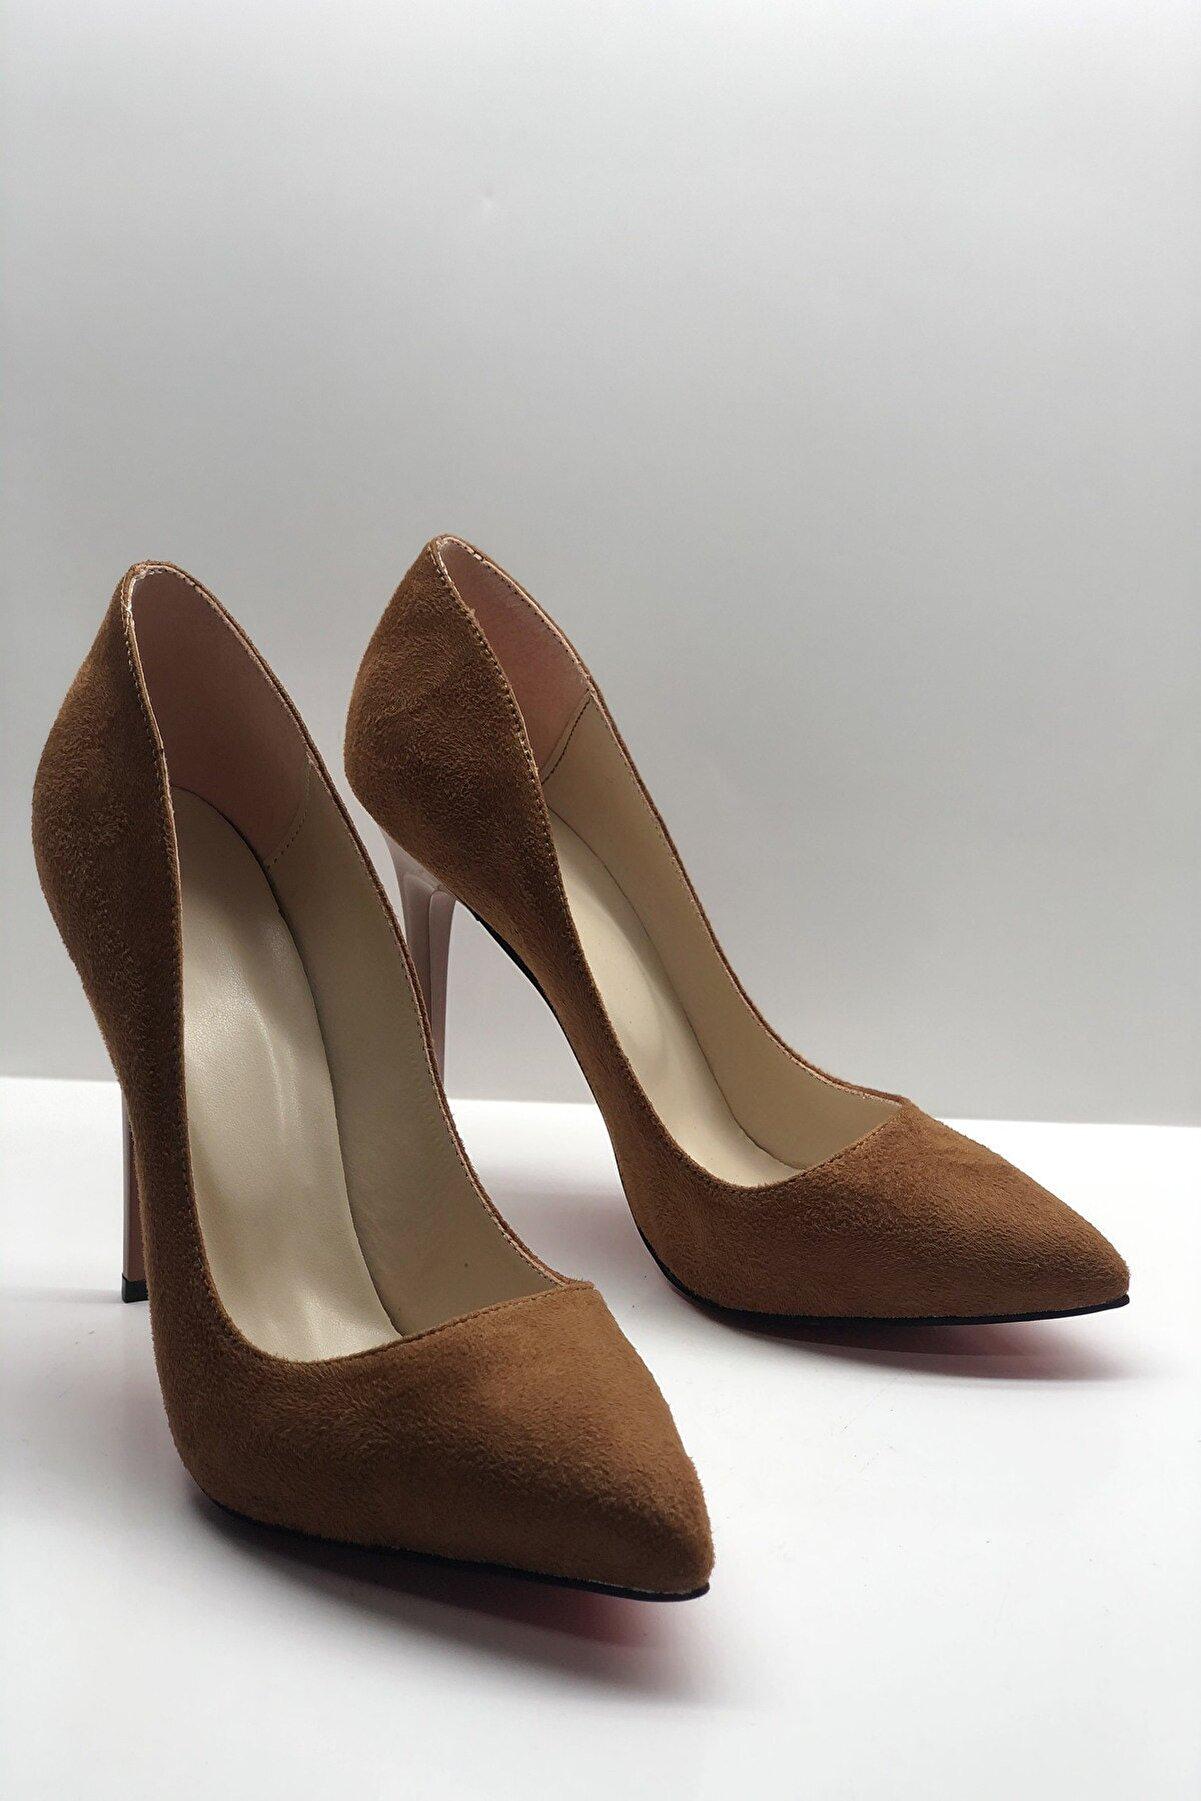 HAYYSHOES Stiletto Topuklu Ayakkabı